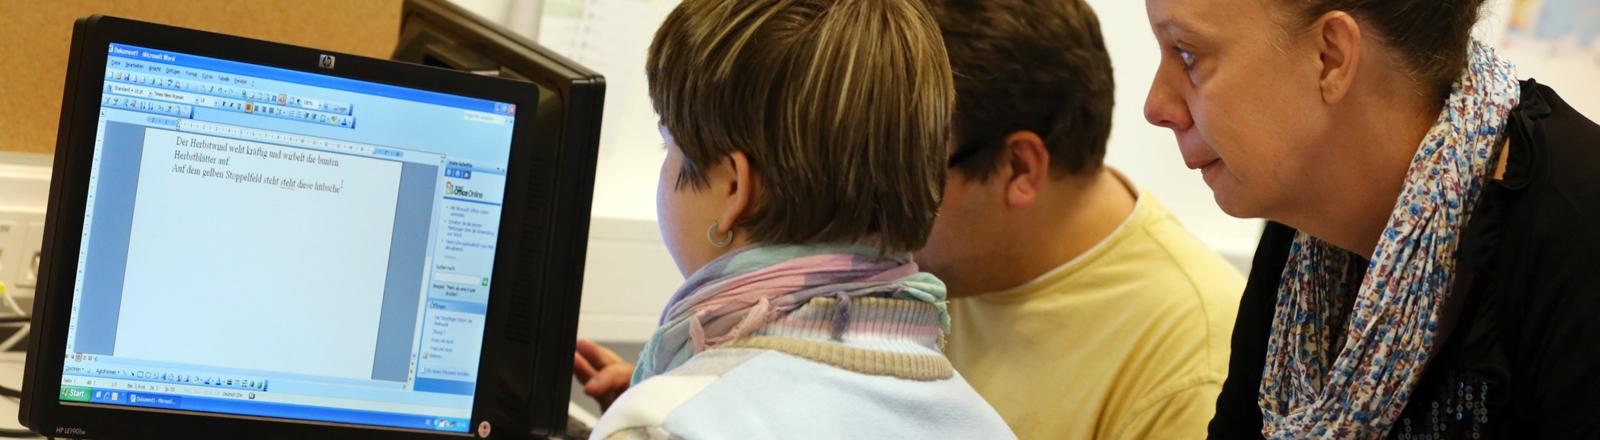 Volkshochschule: Zwei Frauen schauen auf einen Computer-Bildschirm